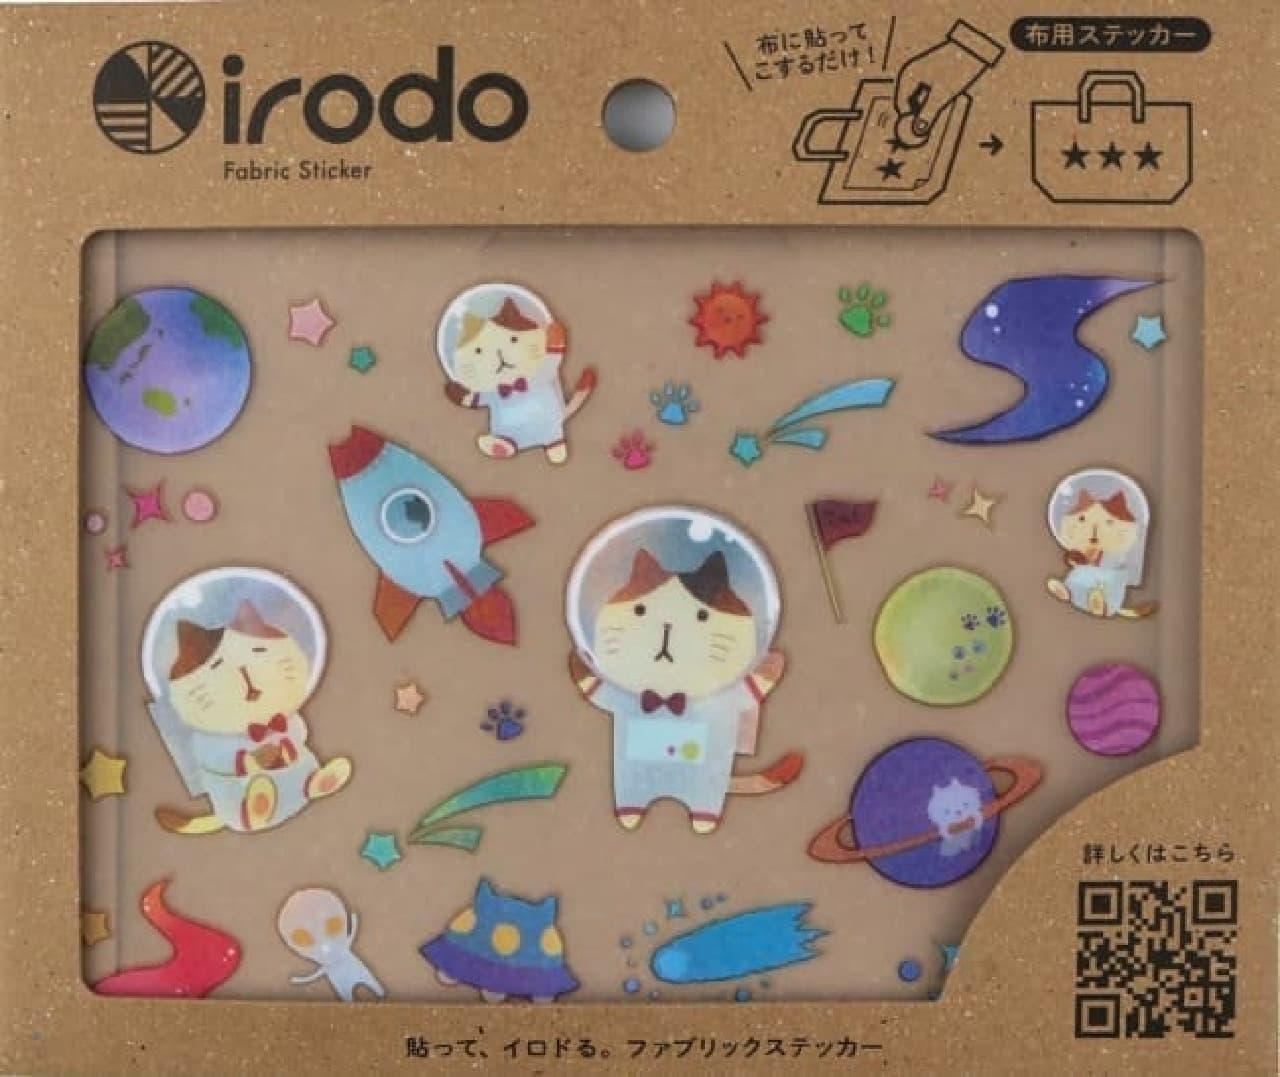 マスクも簡単にデコれる転写シール「irodo(イロド)」